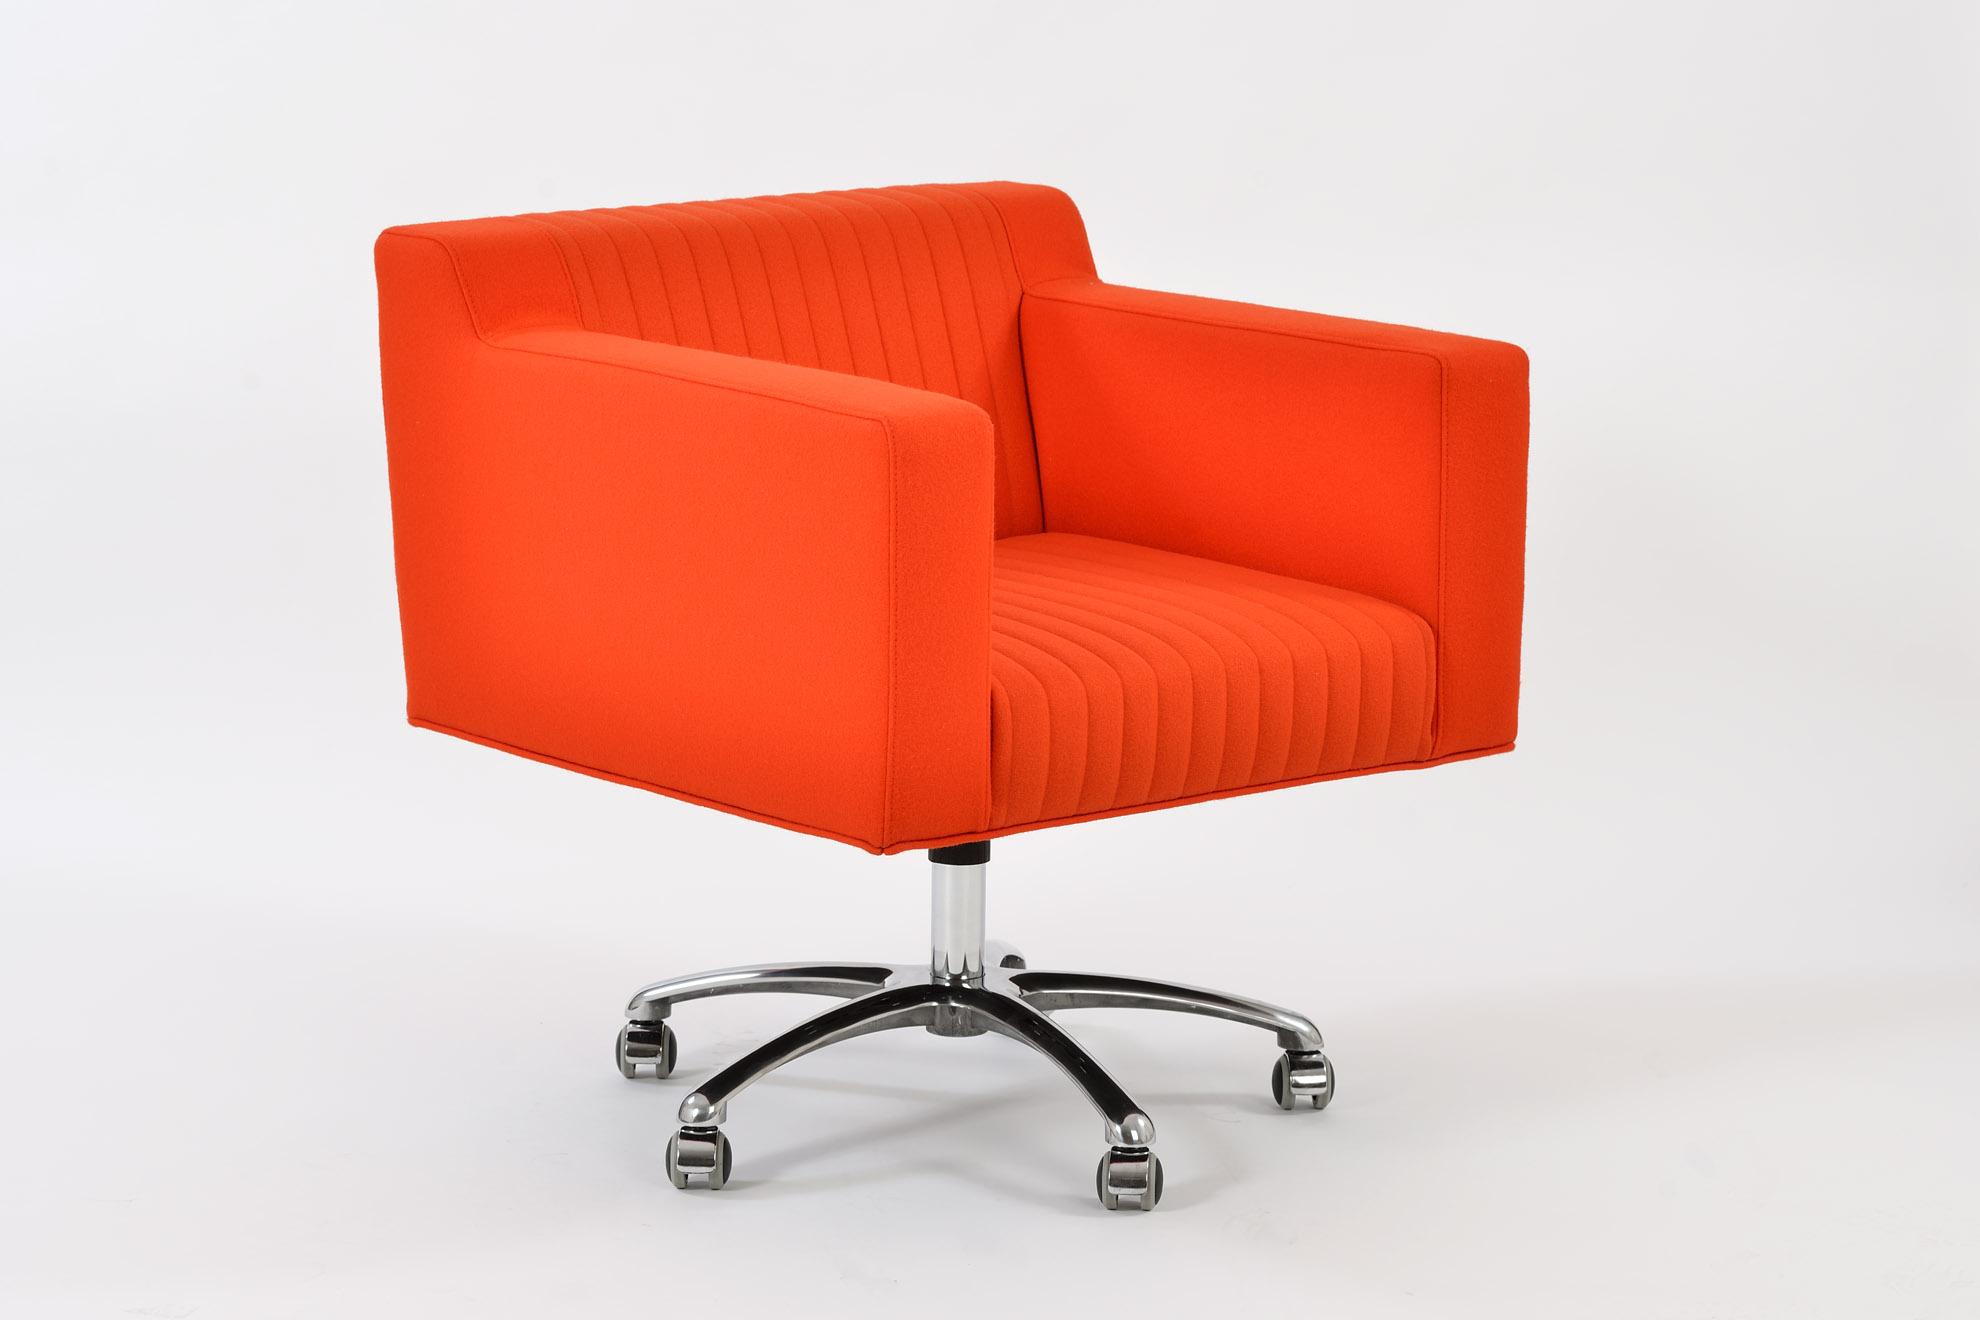 Poltroncina arancio con rotelle